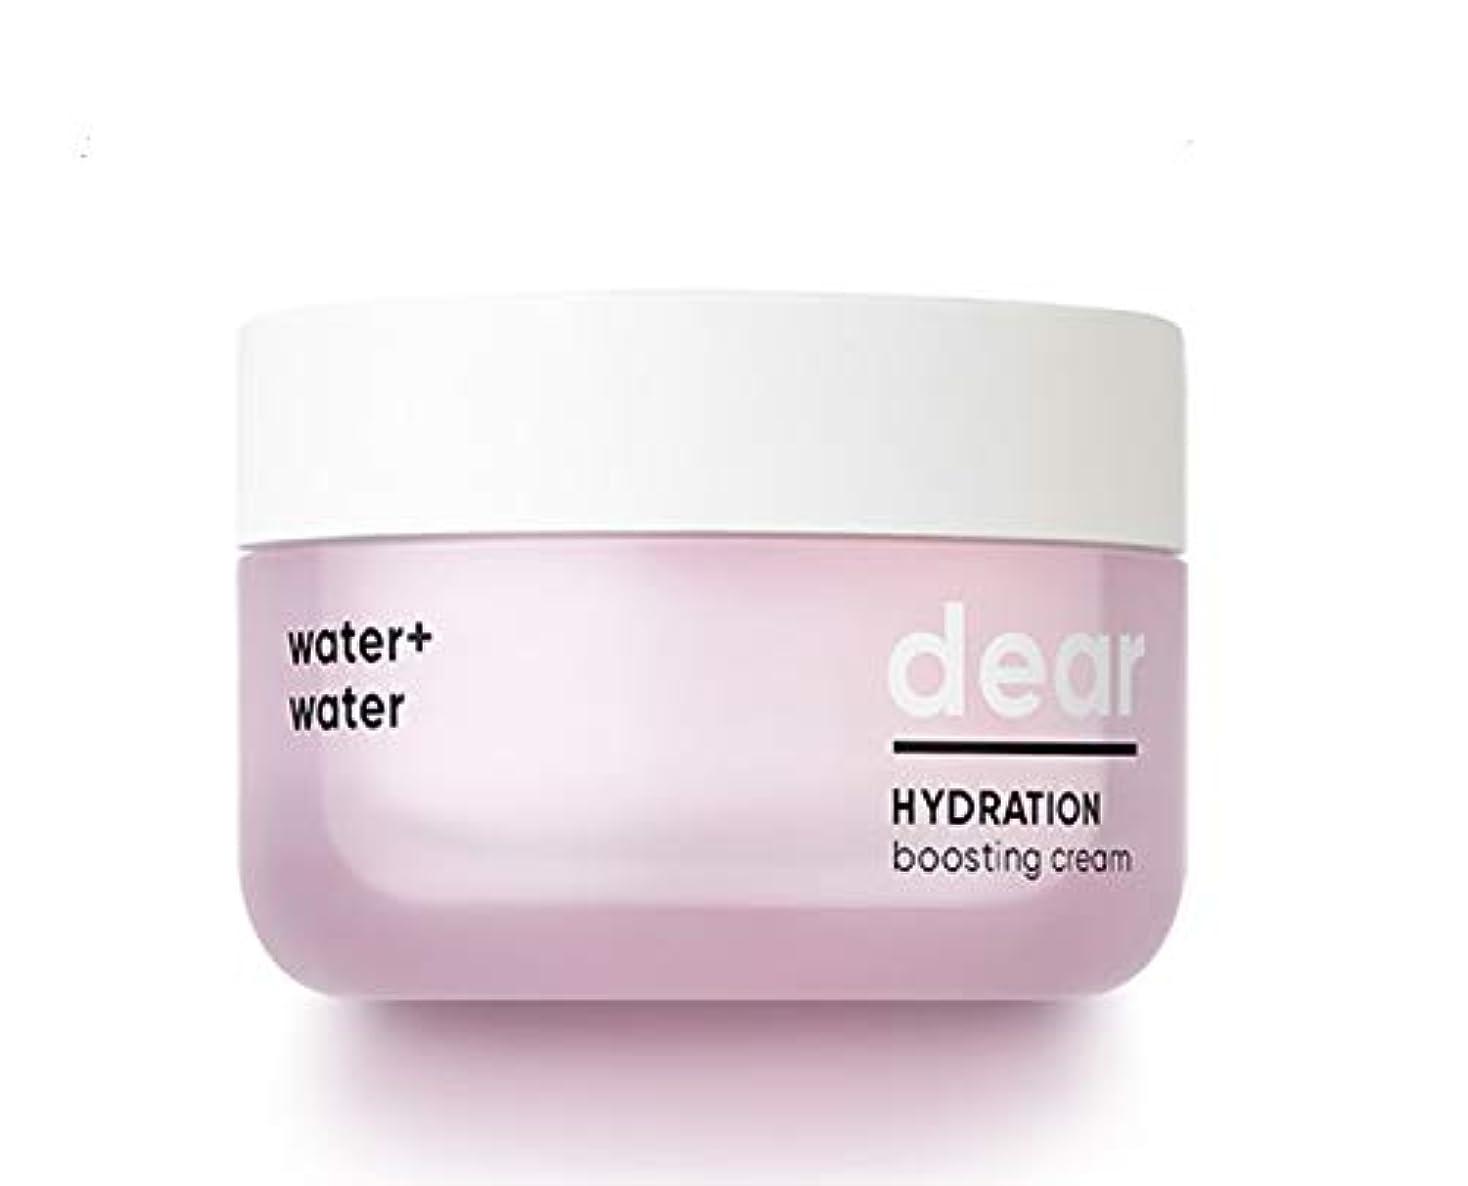 一次水星誰の[New] BANILA CO dear Hydration Boosting Cream 50ml / (Banila co) パニルラ鼻ディアハイドゥレイションブースティングクリーム50ml [並行輸入品]